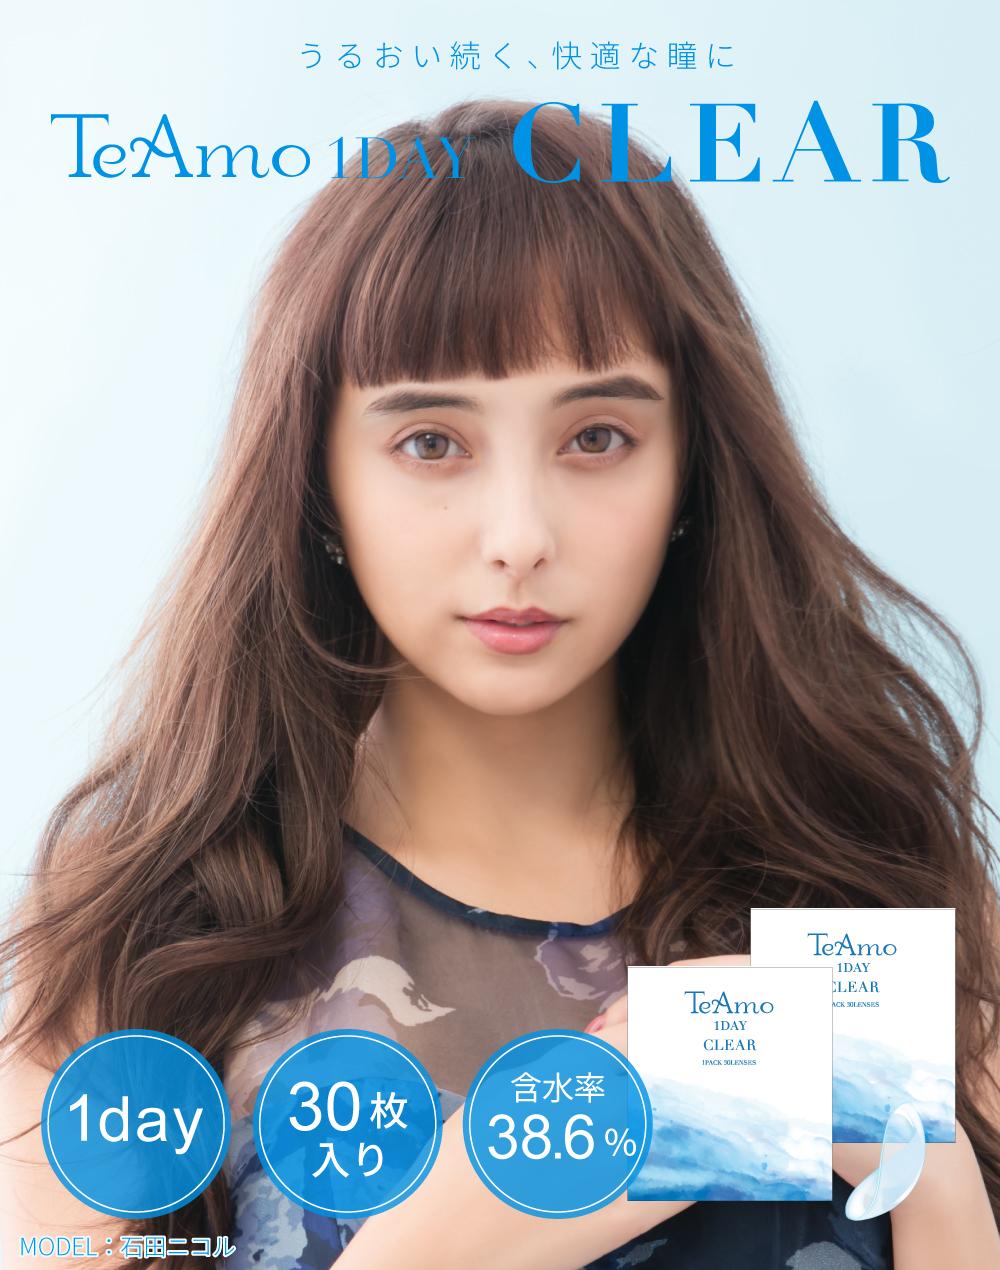 うるおい続く、快適な瞳に TeAmo 1DAY CLEAR 1day 30枚入り 含水率38.6%